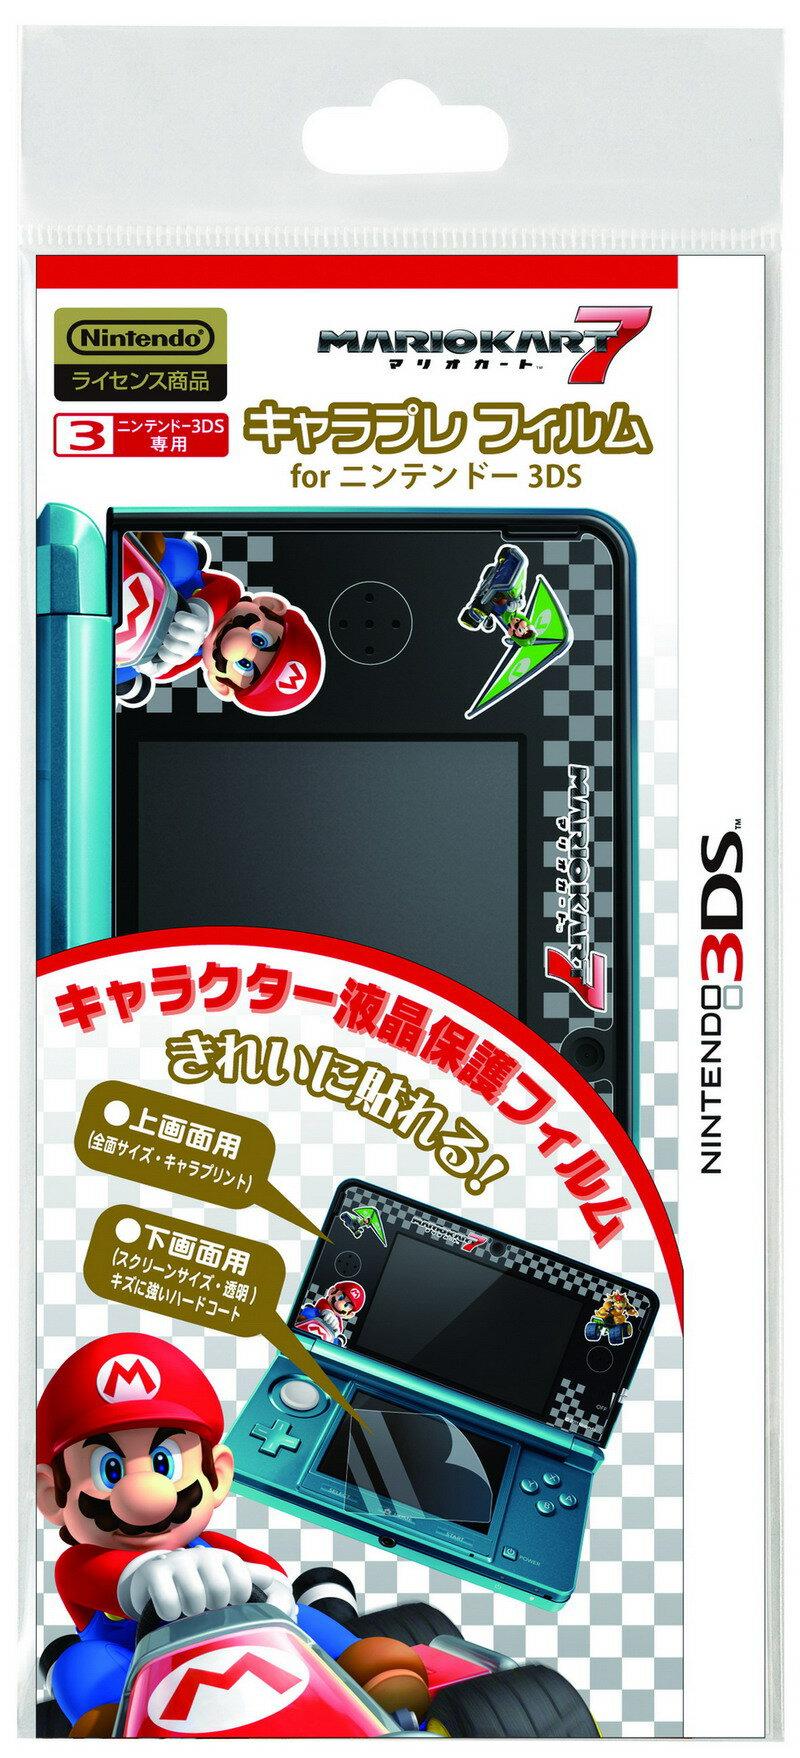 [3DS 周邊] 3DS 瑪莉歐賽車 造型保護貼 公司貨